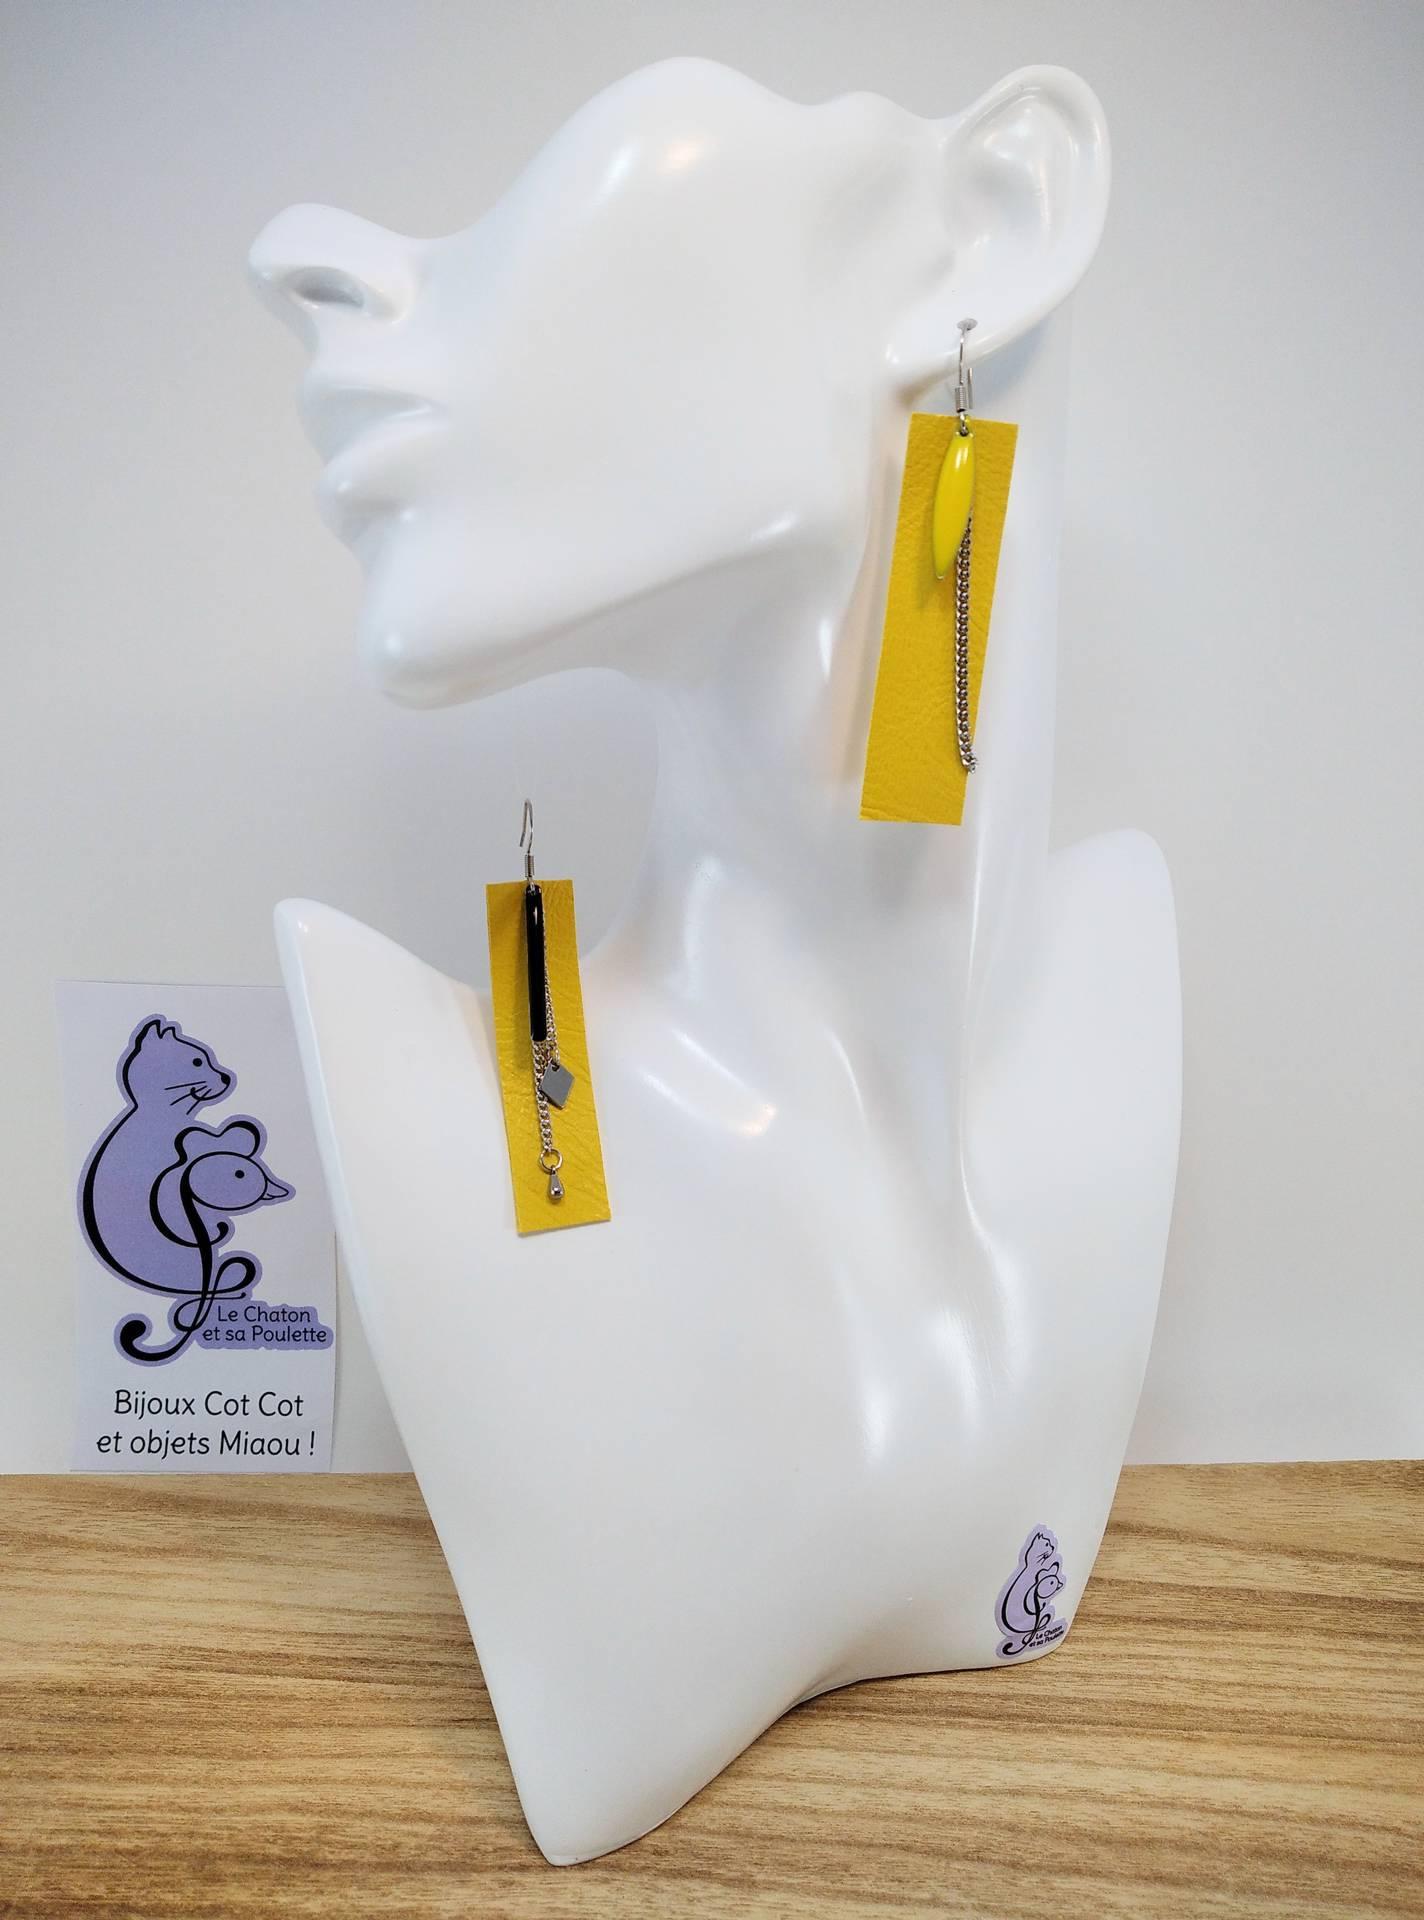 B.O. FORMIDABLE modèle 3 Cuir jaune, breloques résine navette jaune et barre noire, breloques inox losange et goutte et chaine